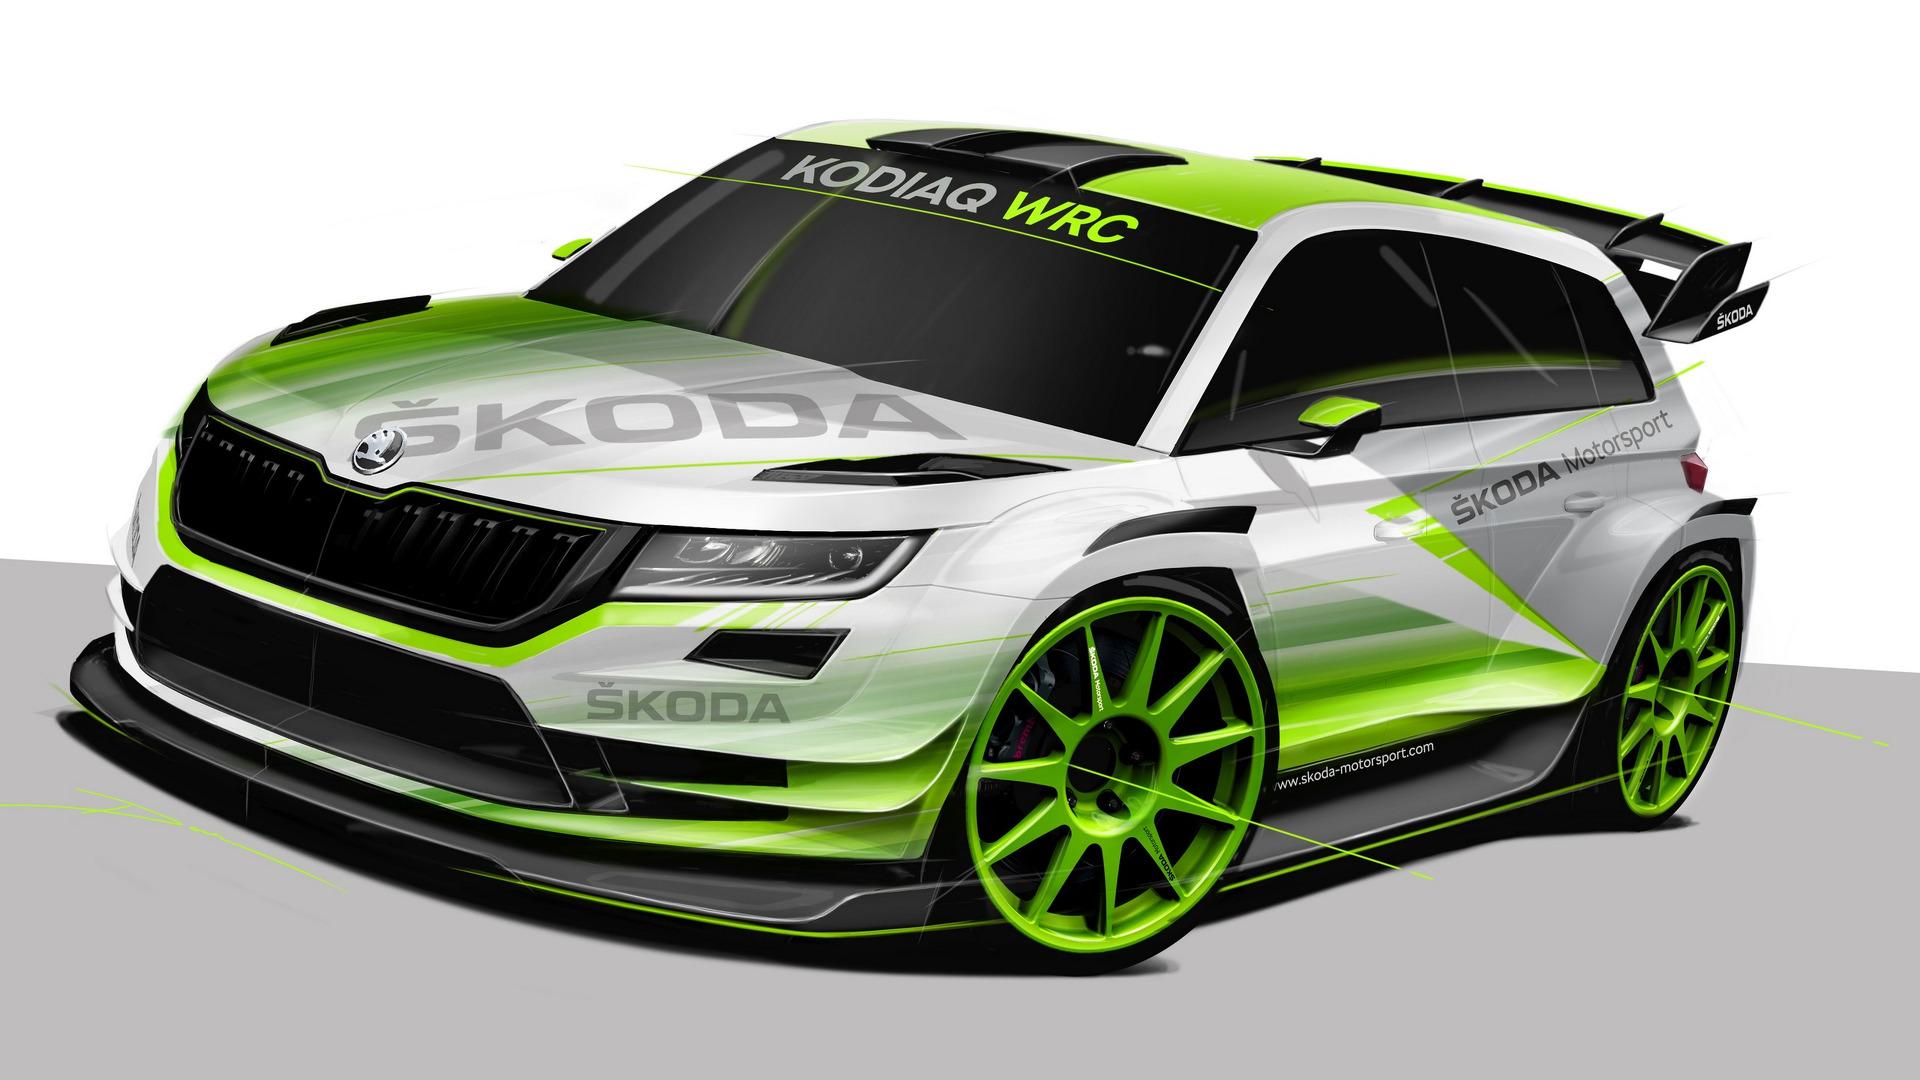 2018 Skoda Kodiaq WRC Breaks Cover